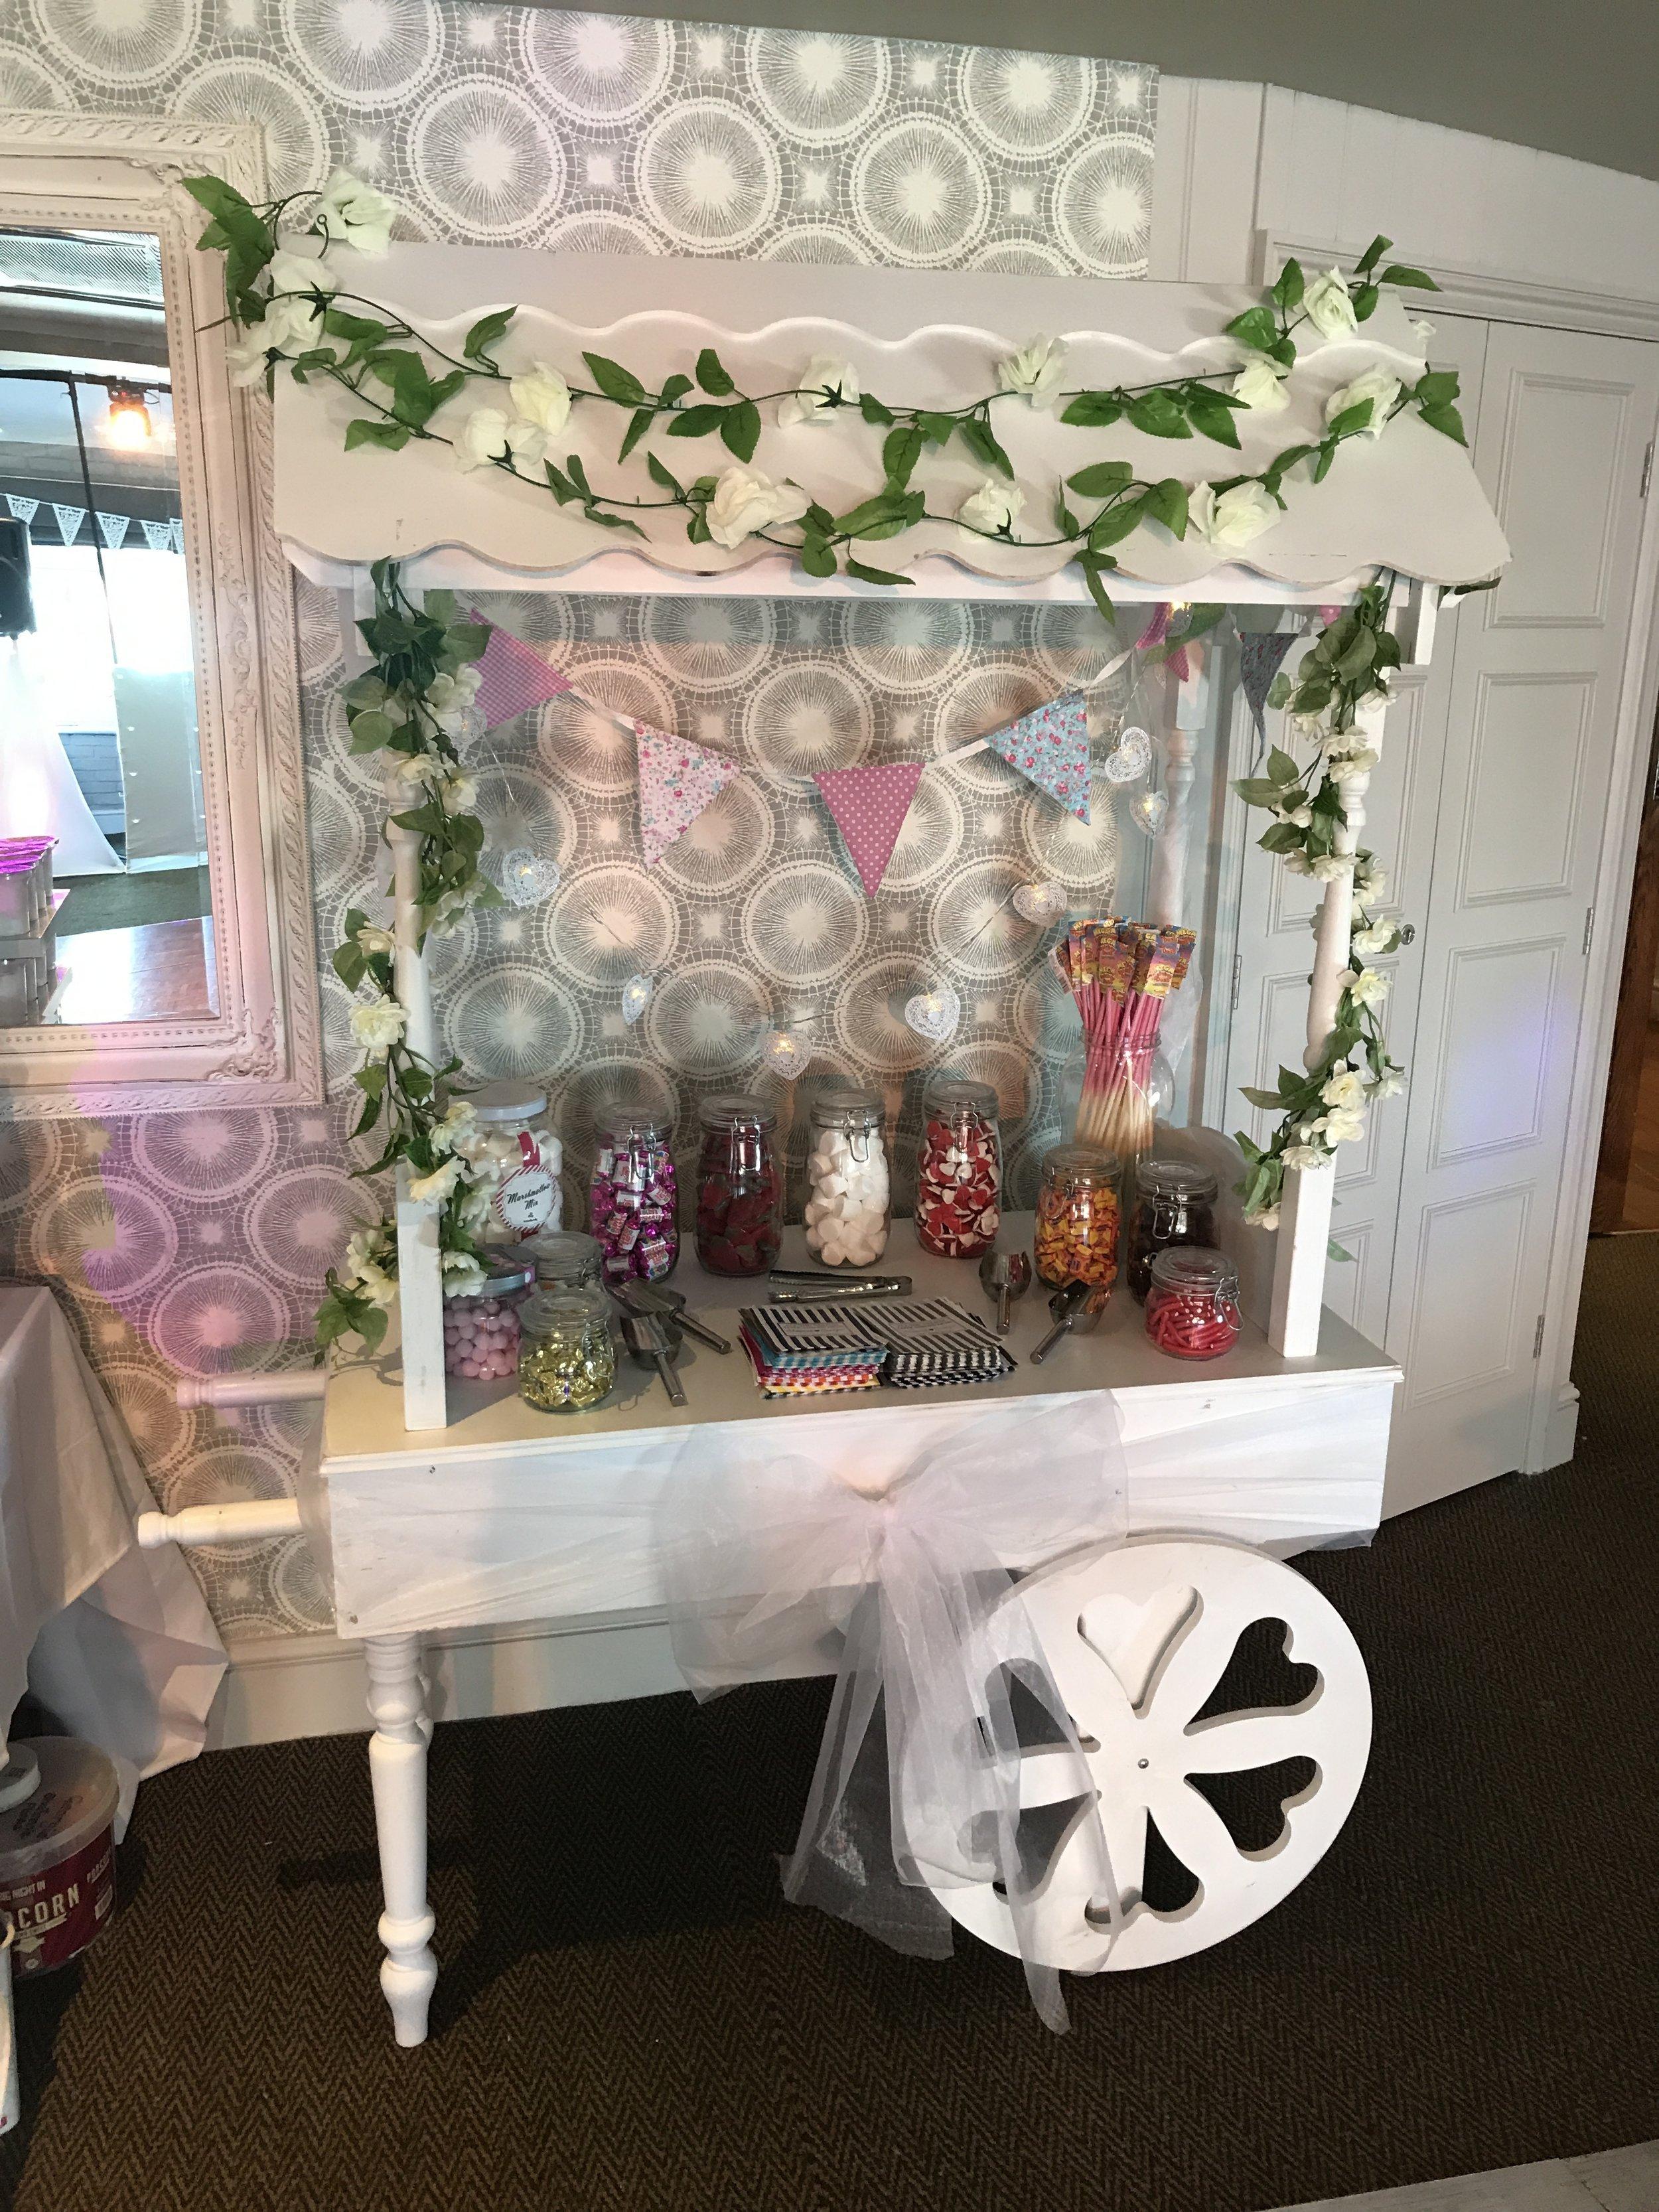 Candy Cart at Botany Bay Hotel, Broadstairs, Kent